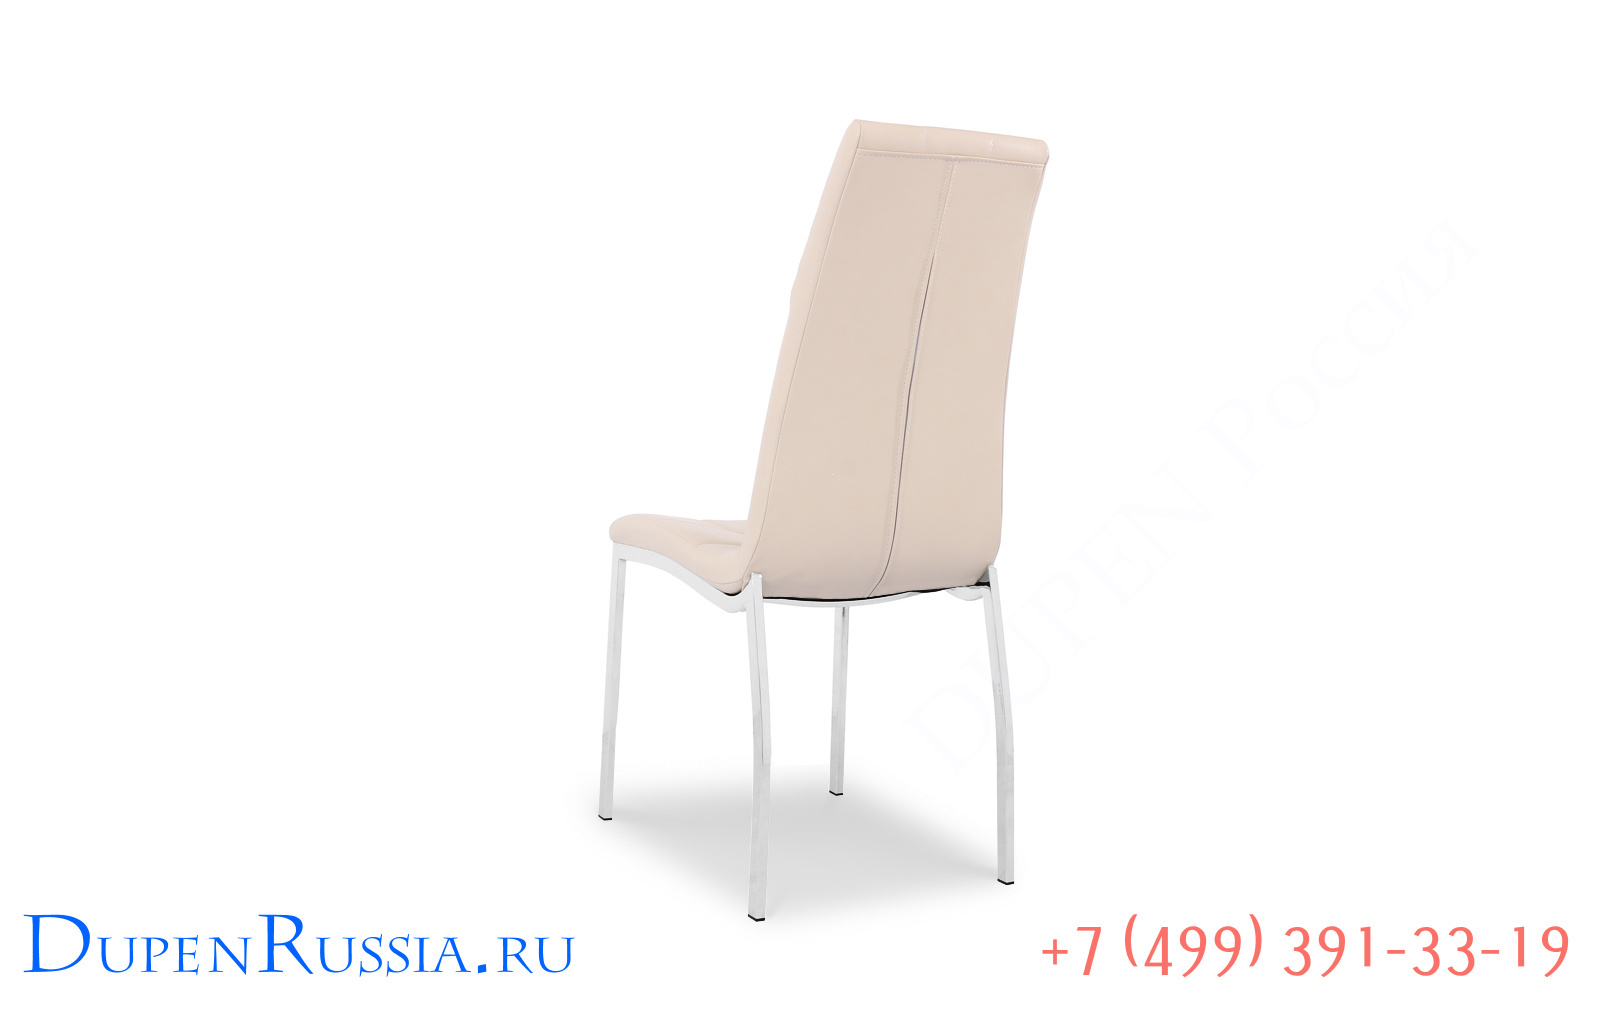 Стул ESF365 бежевый